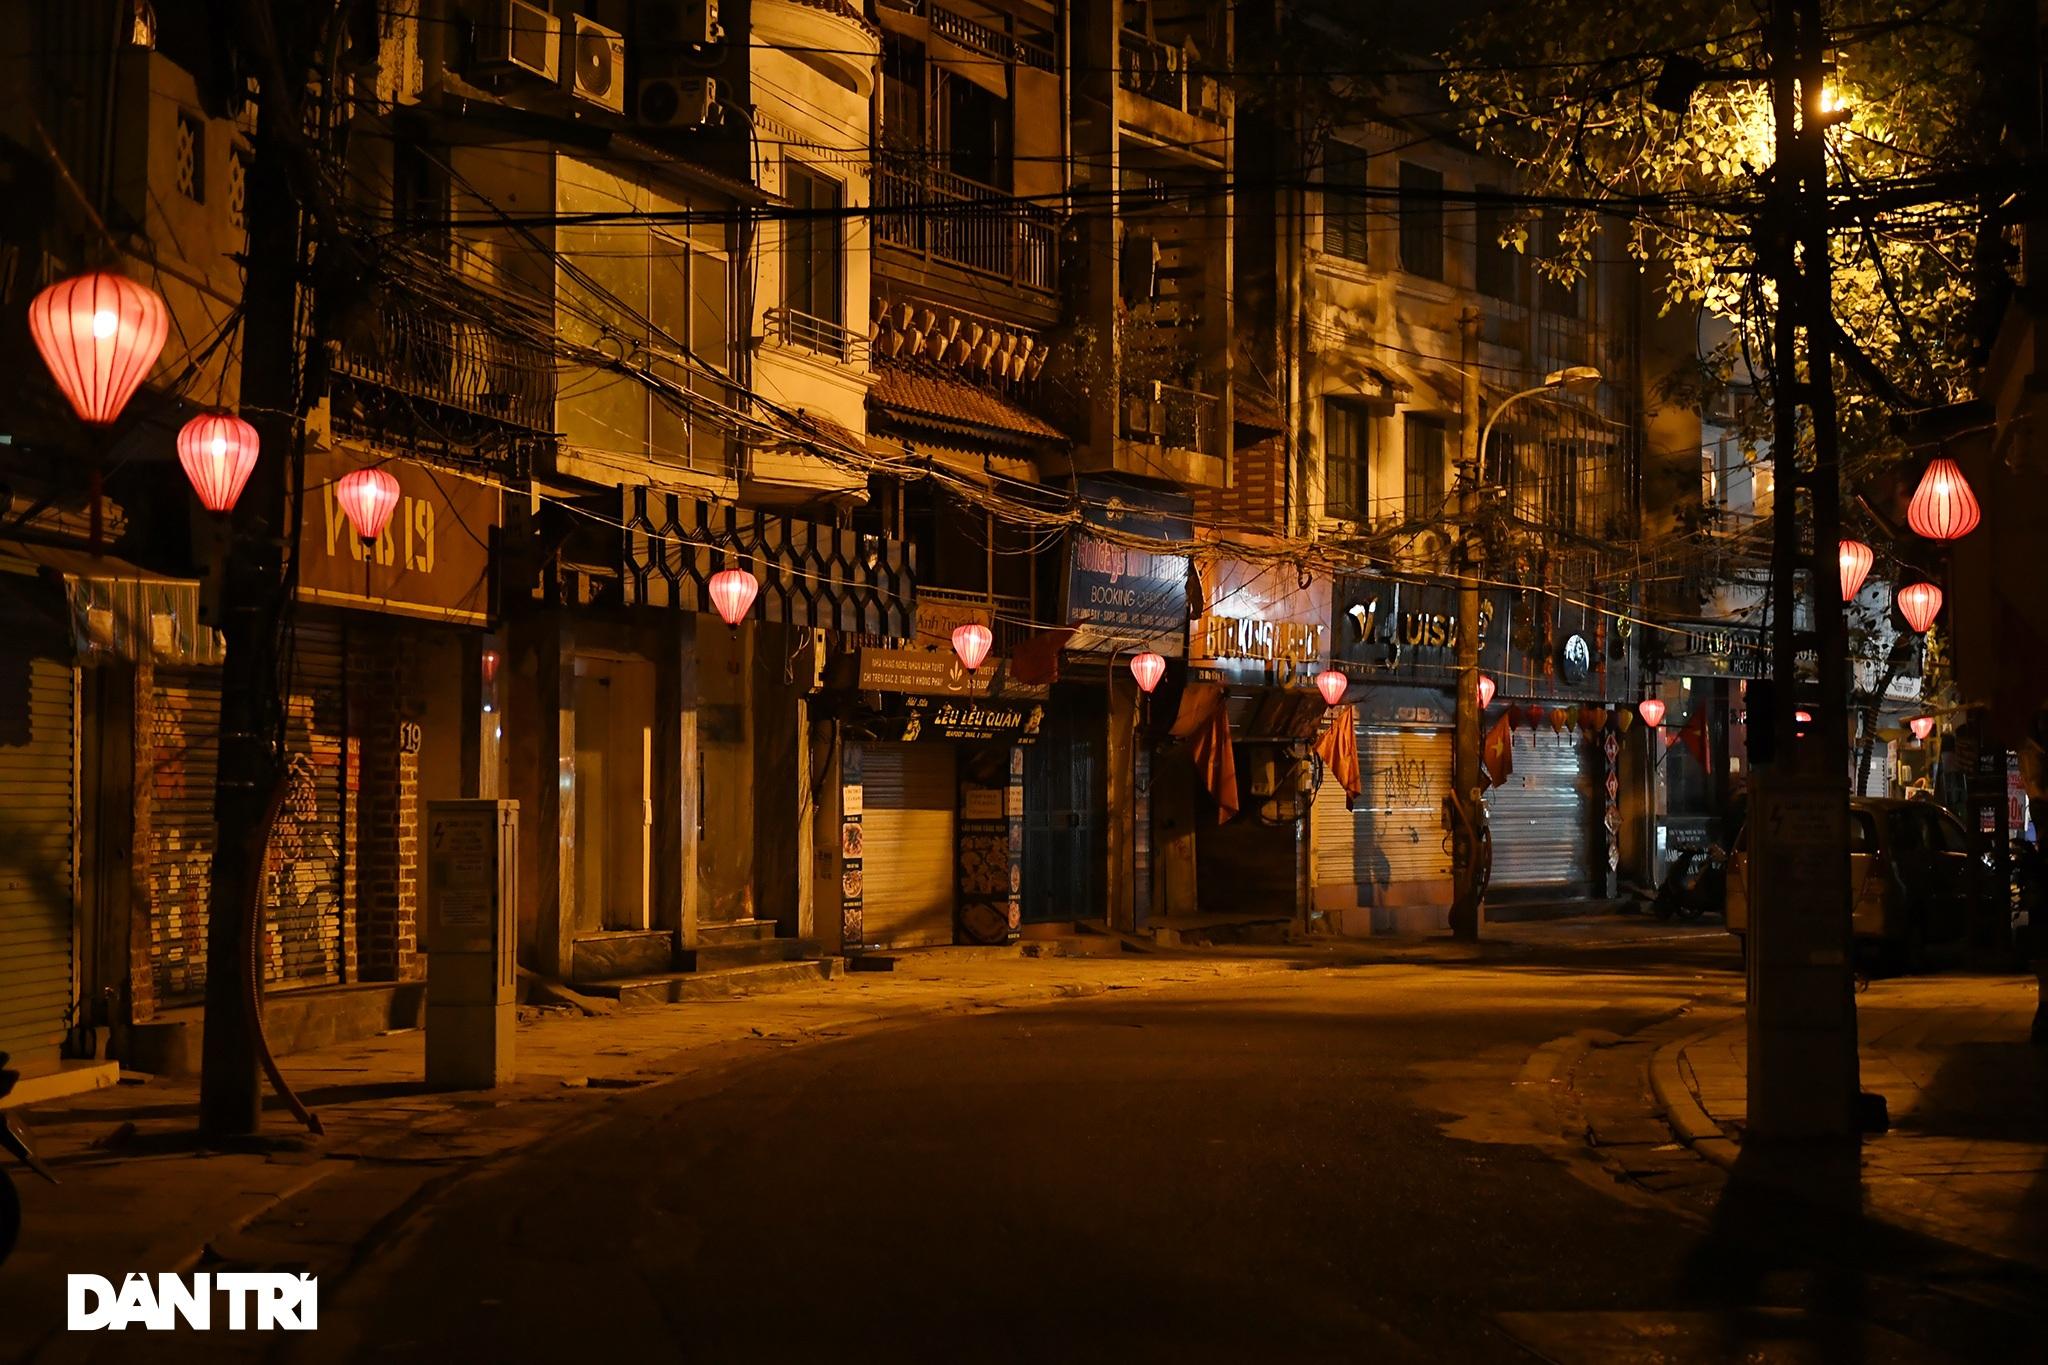 Công an Hà Nội kiểm tra xuyên đêm, yêu cầu hàng quán đóng cửa trước 0h  - 21